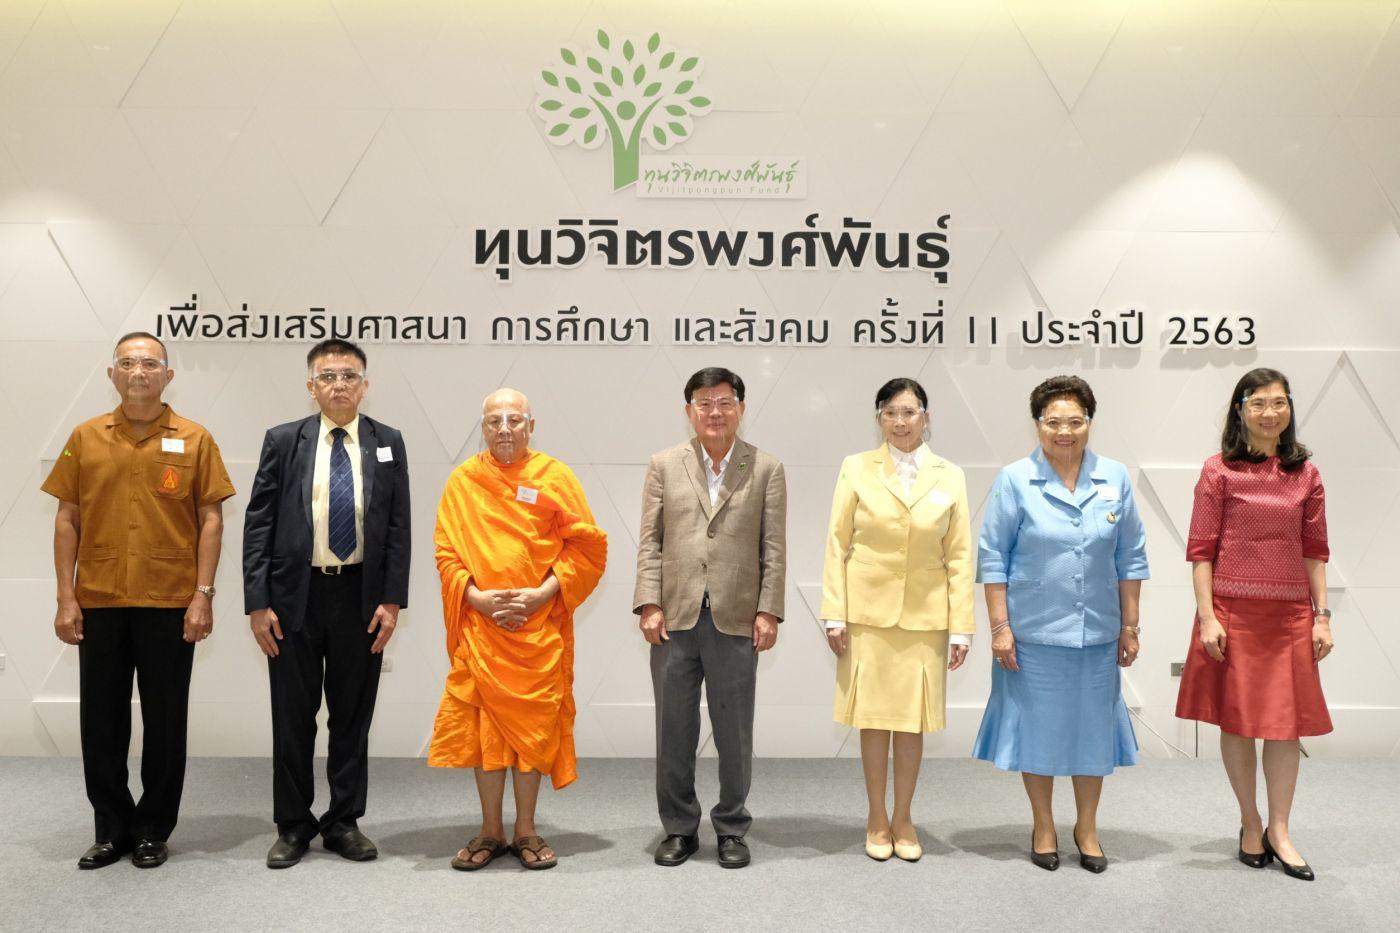 """""""ทองมา"""" ตอบแทนสังคมไทยผ่าน 45 องค์กรทั่วประเทศ มอบ """"ทุนวิจิตรพงศ์พันธุ์"""" ต่อเนื่องเป็นปีที่ 11"""